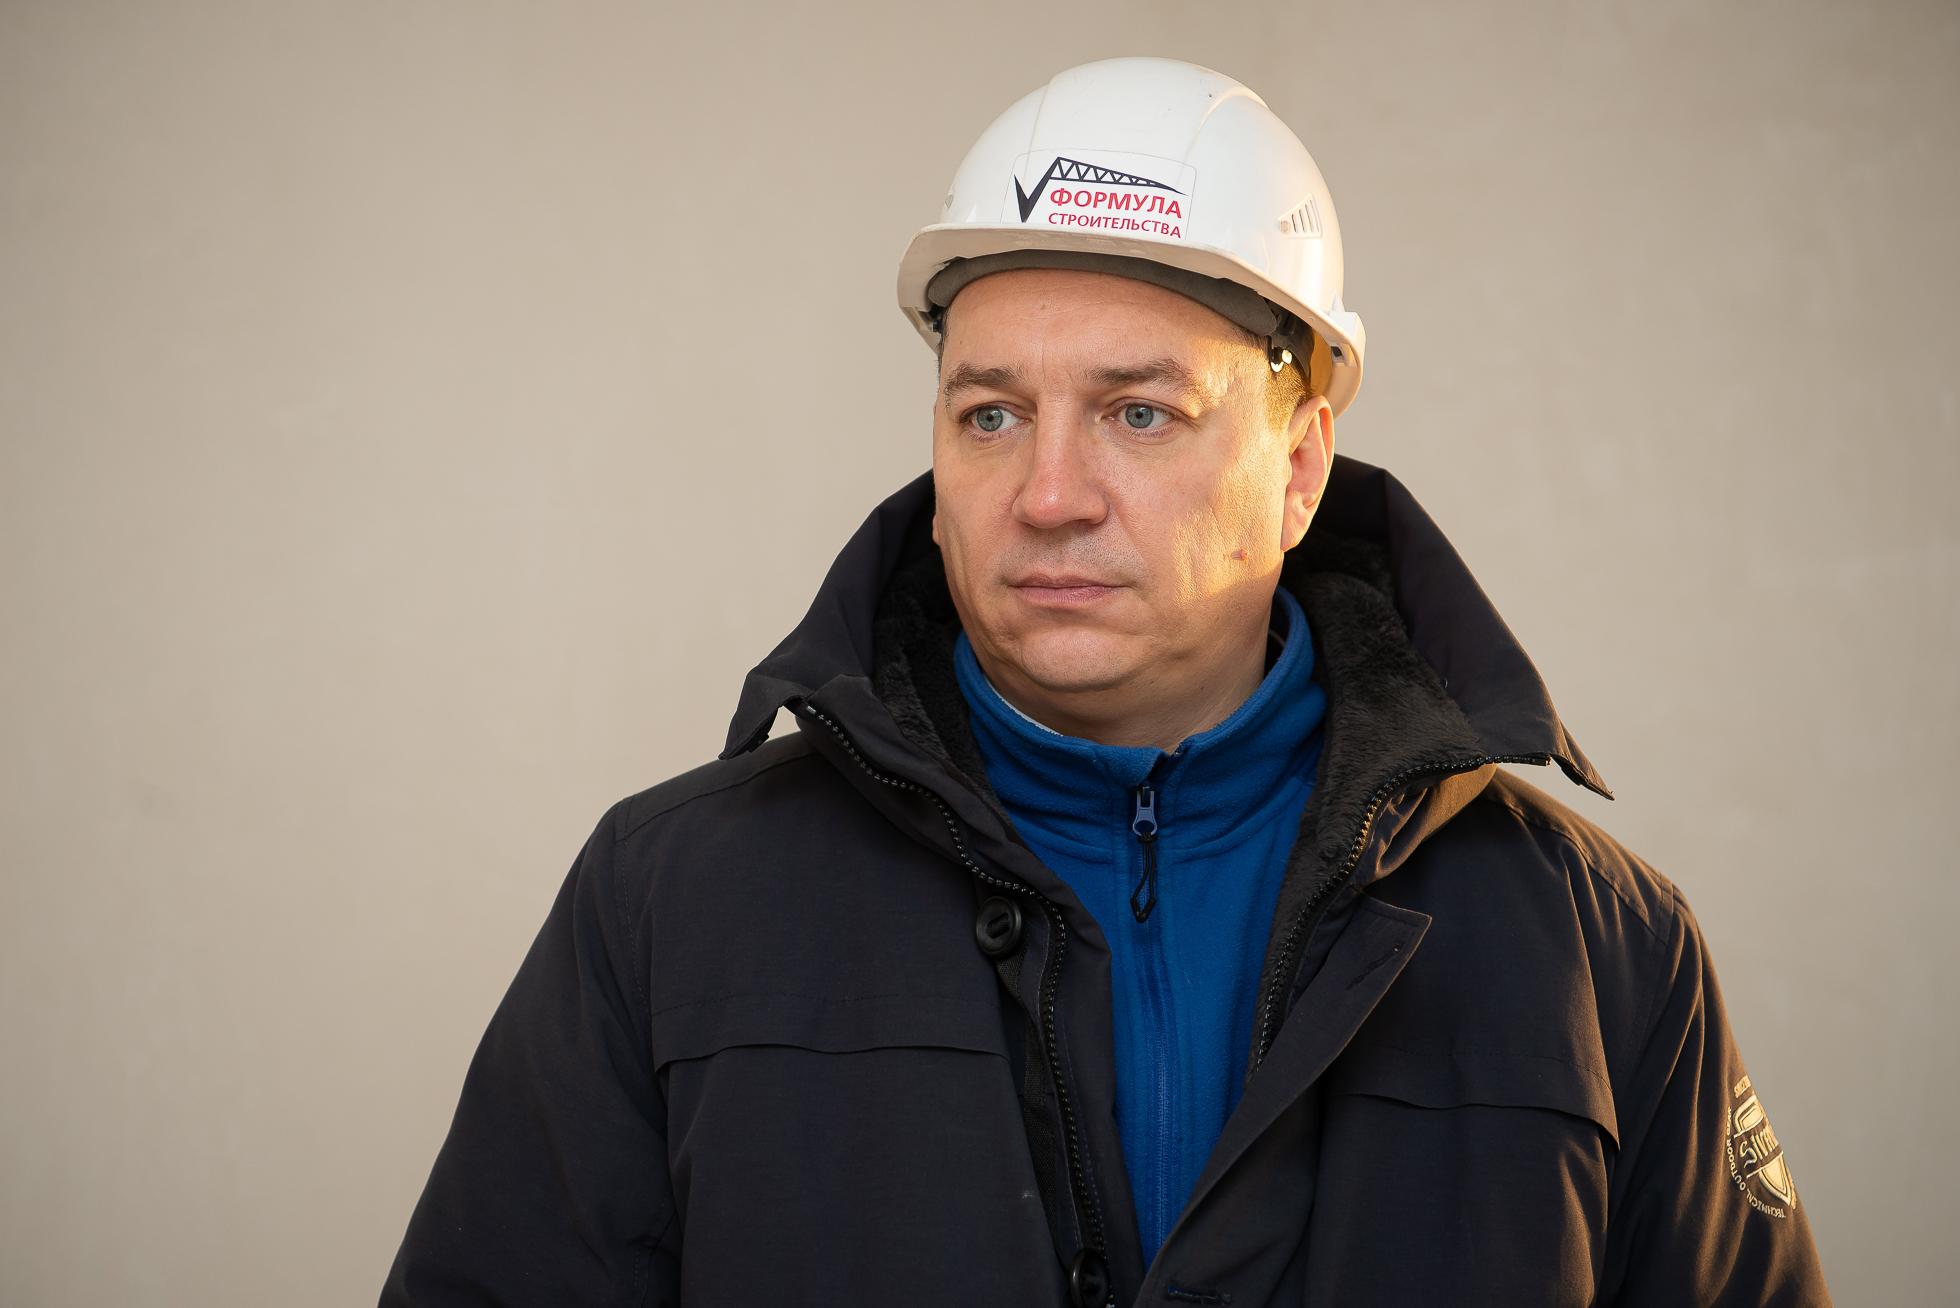 Руководитель отдела продаж СЗ «Формула строительства» Андрей Агеенко